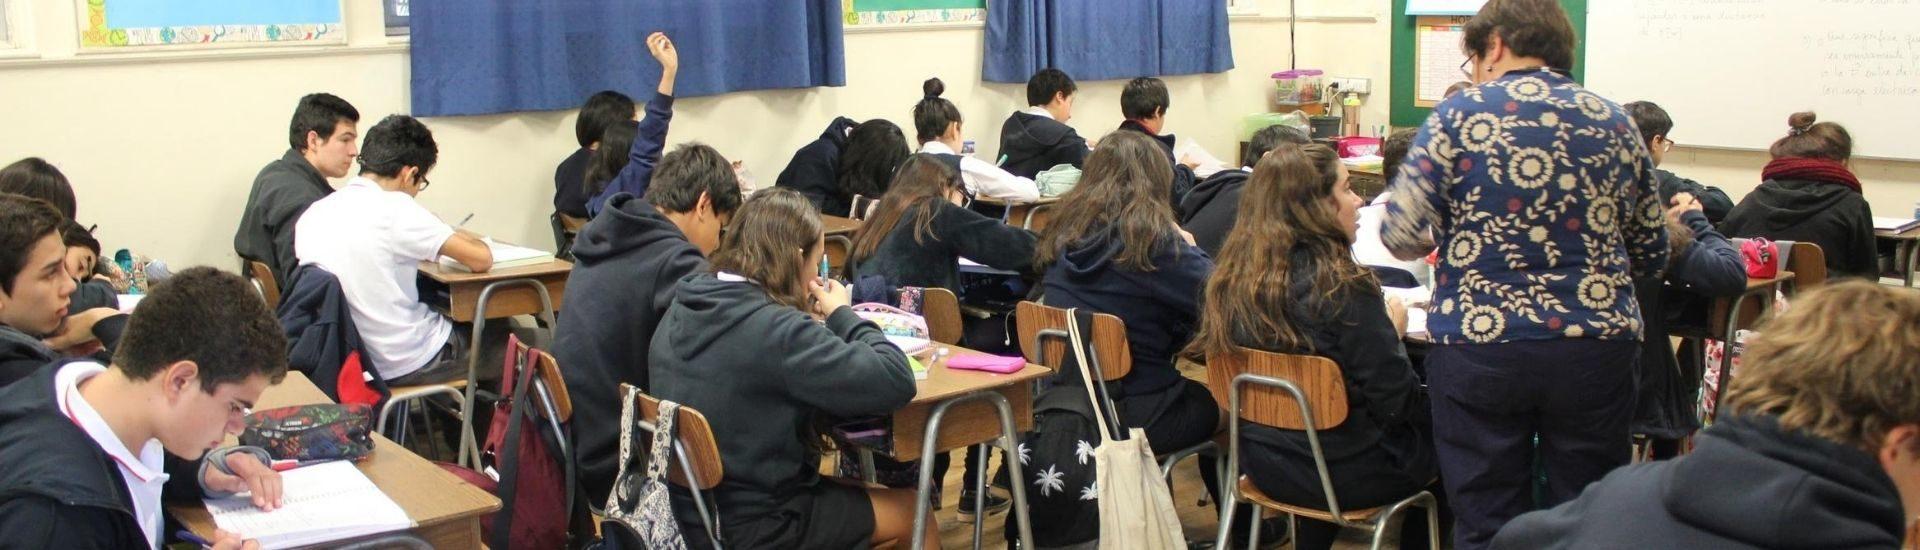 Estudiantes escribiendo en sus cuadernos en la sala de clases